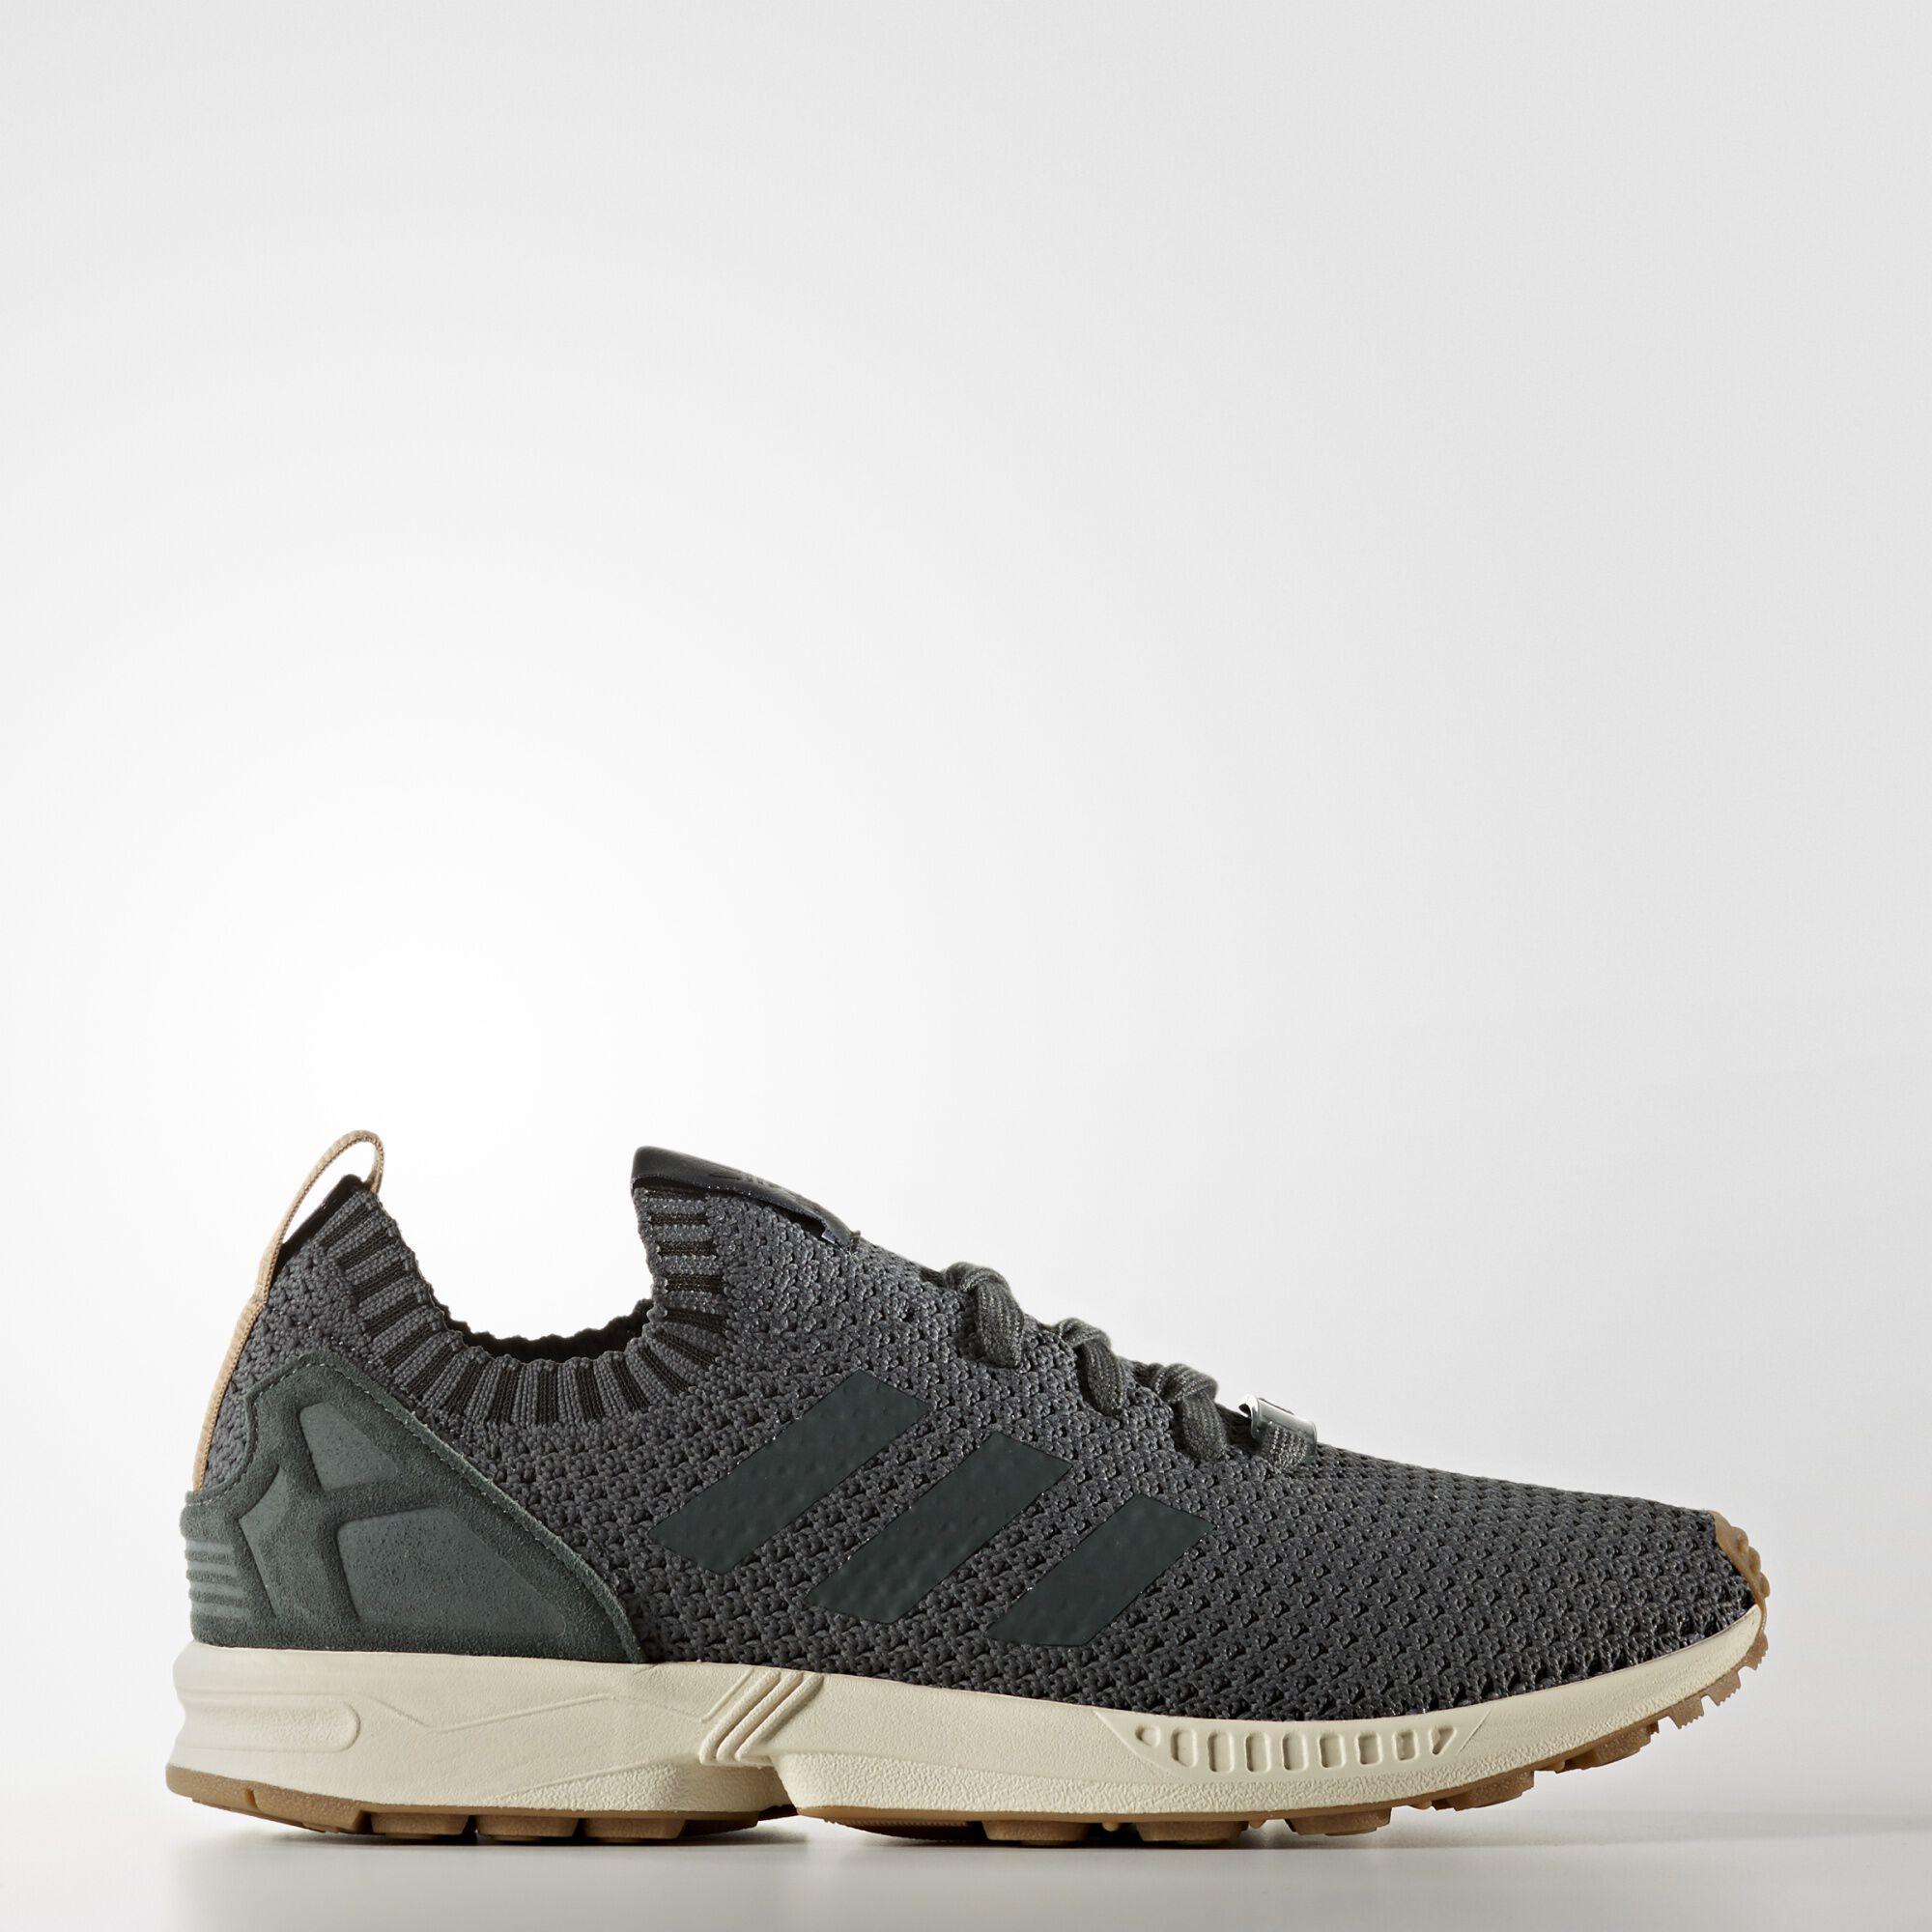 ZAPATILLAS ORIGINALS ZX FLUX PLUS Adidas